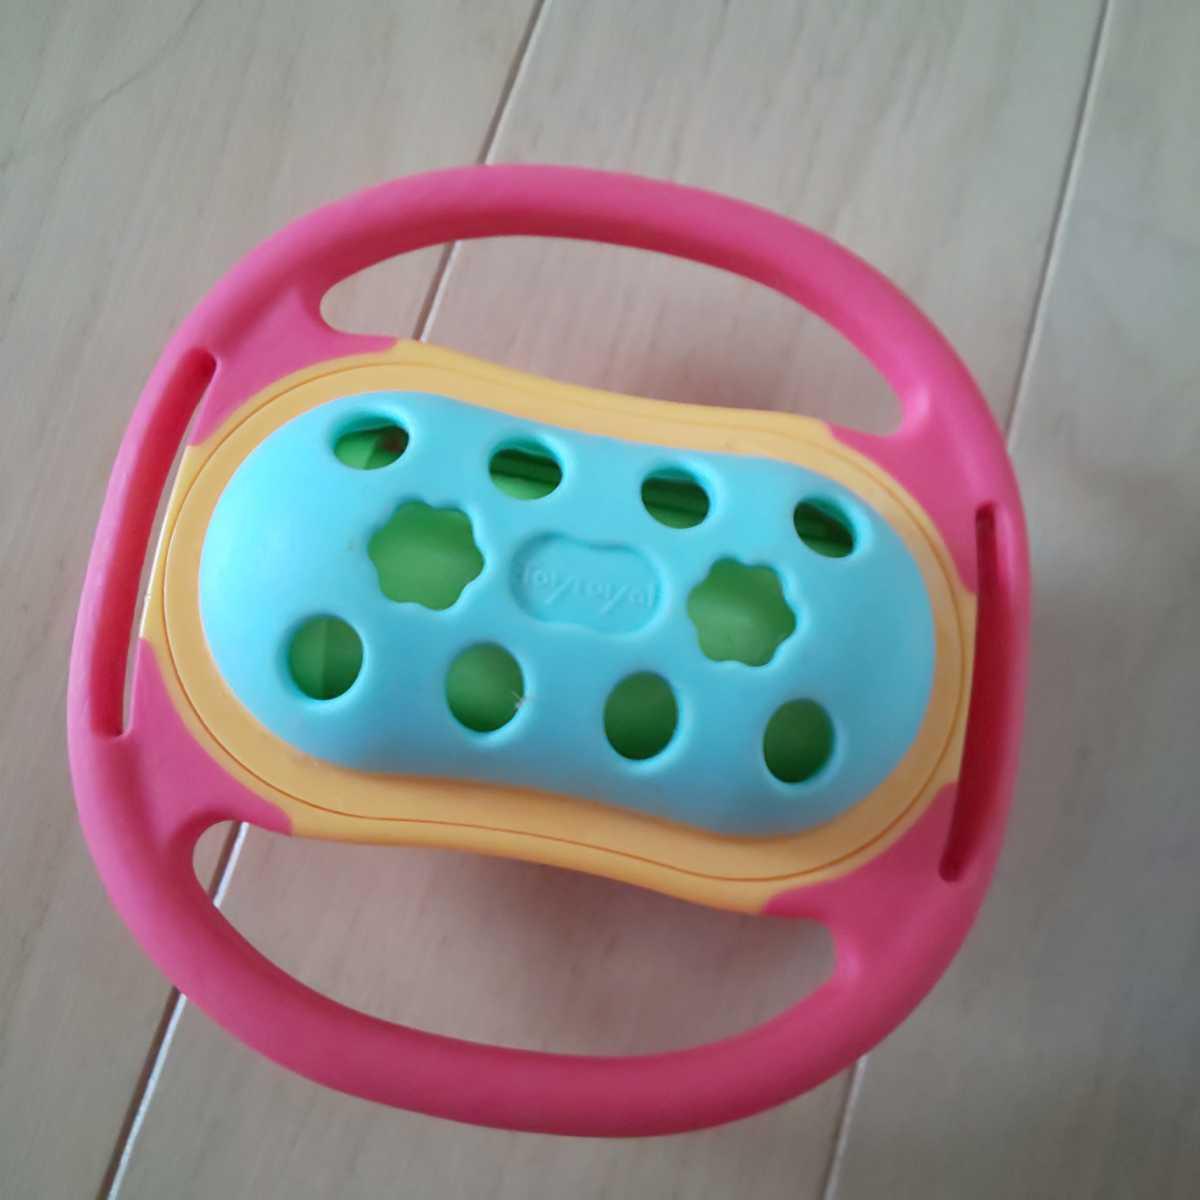 1円スタート! ガラガラ ベビーグッズ 赤ちゃんグッズ 赤ちゃんのおもちゃ 音のなるおもちゃ グッズ akichan7777jp_画像1